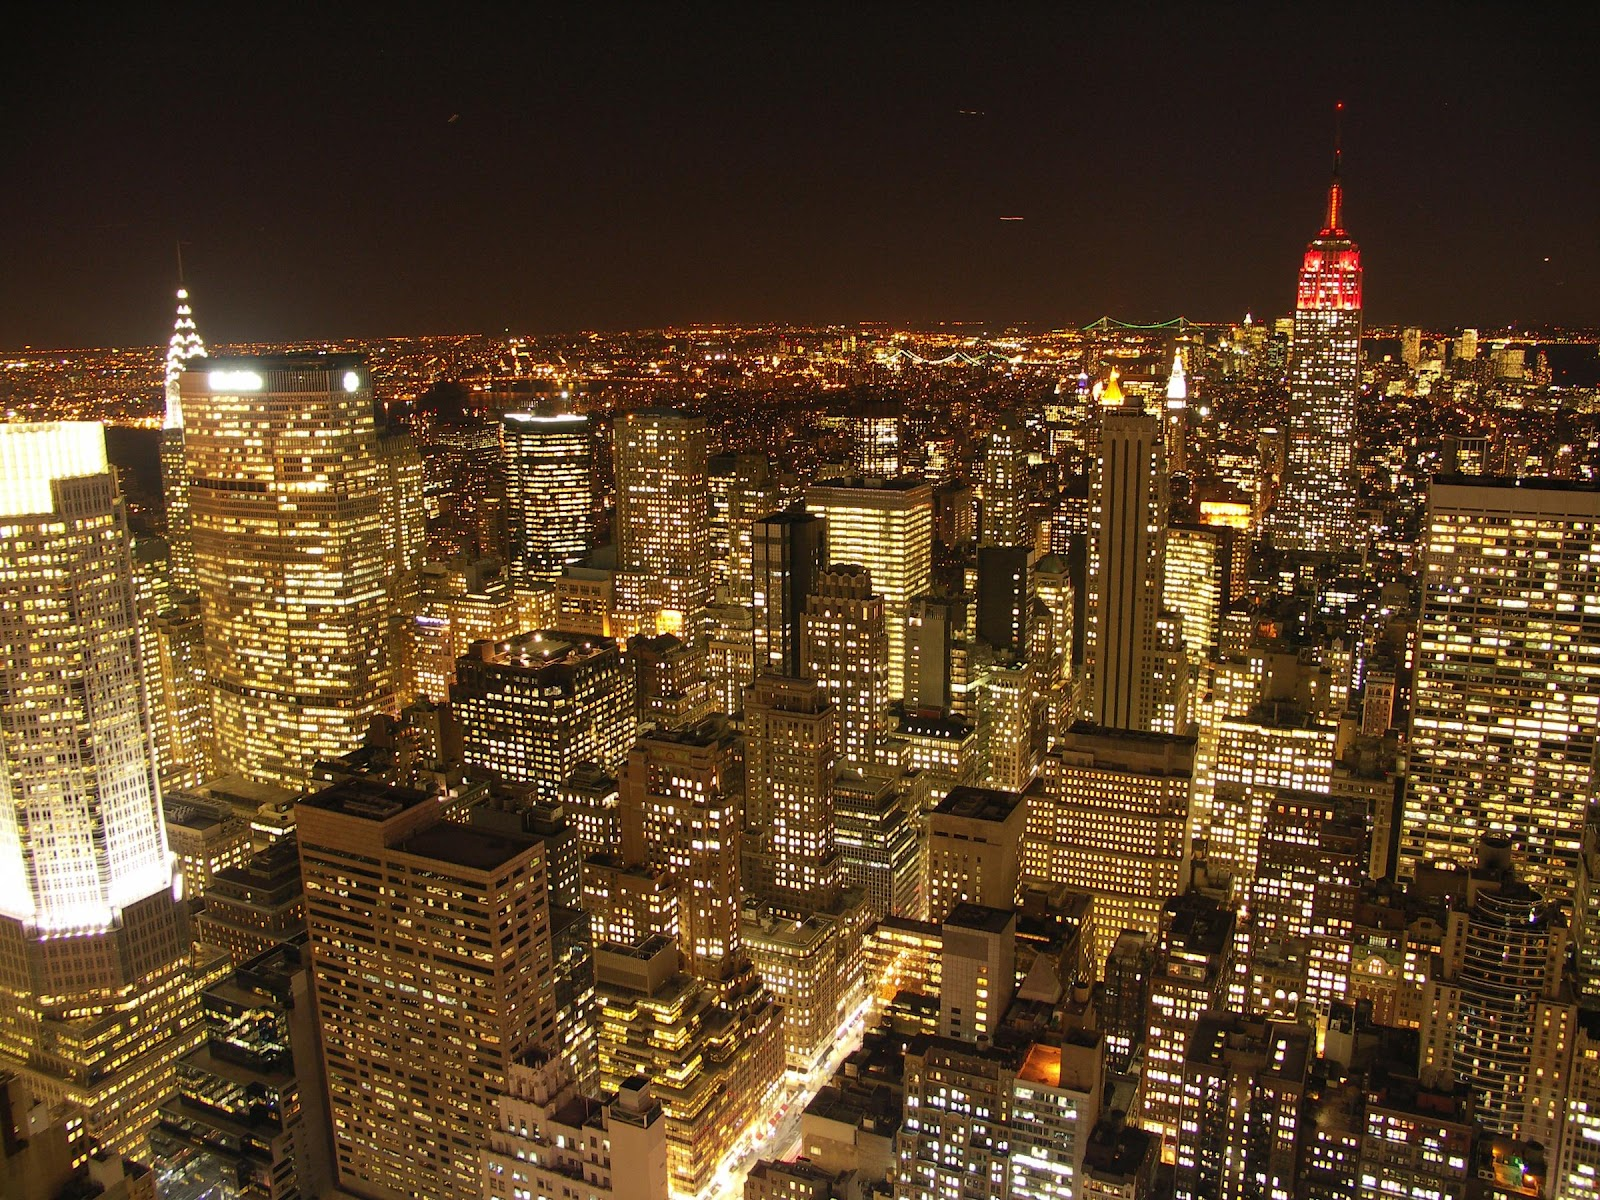 http://1.bp.blogspot.com/-zZhK294uLzY/UBZ5YEeAWyI/AAAAAAAAFYk/NSmDBU0L5Rk/s1600/new-york-apartments.jpg